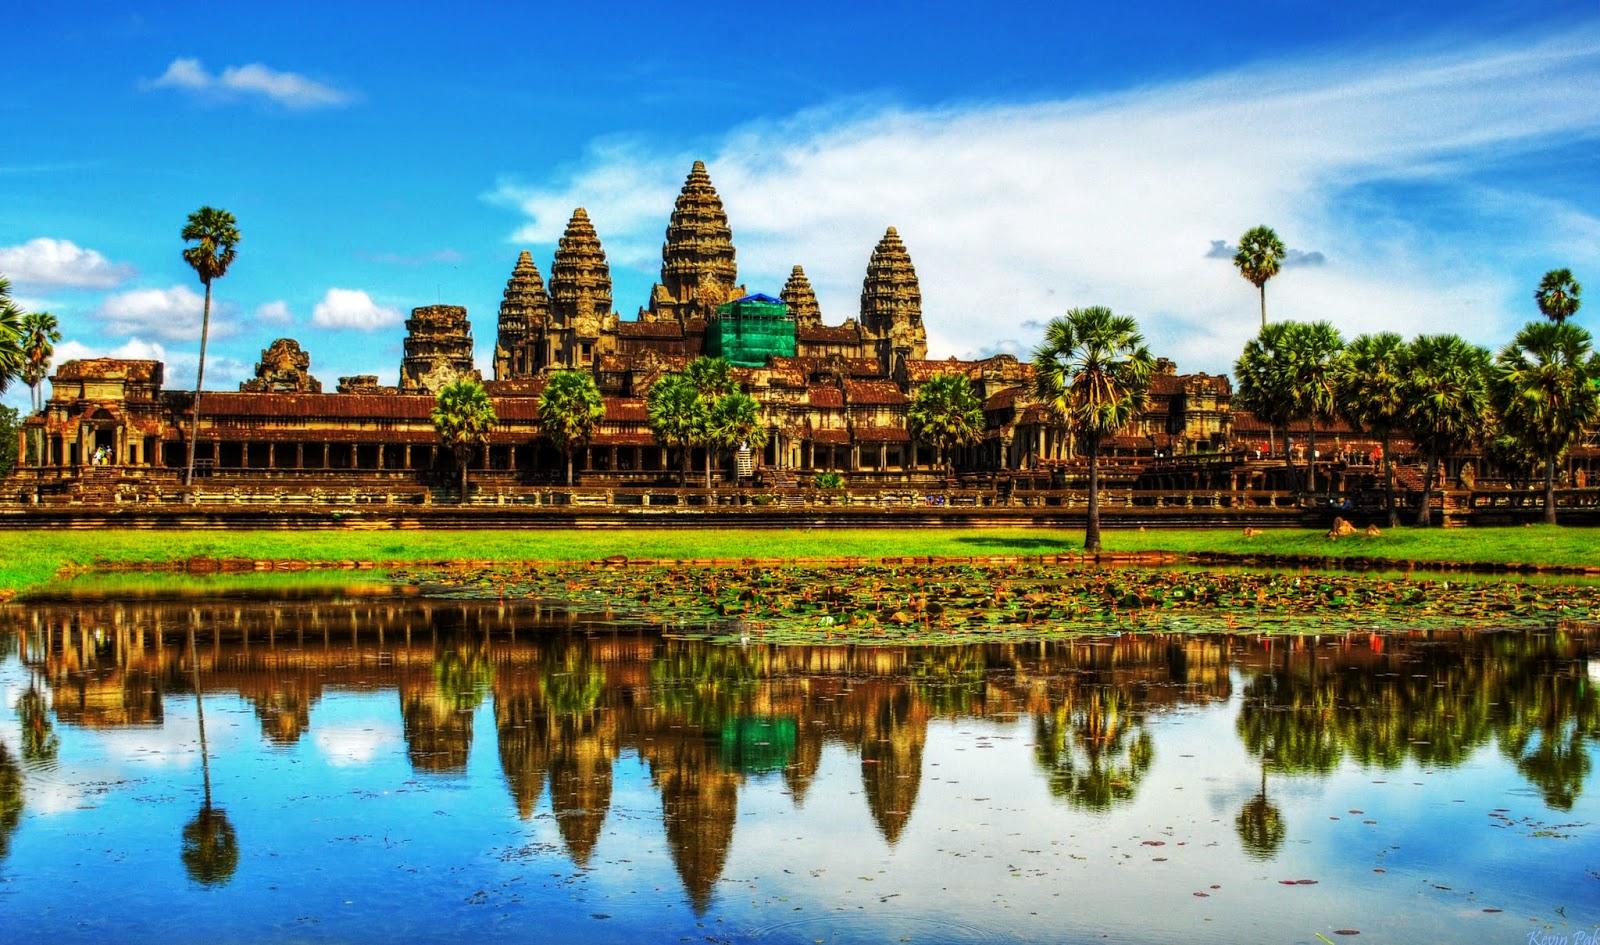 Angkor Wat Bisa dijadikan Tujuan Tempat Wisata di Kamboja